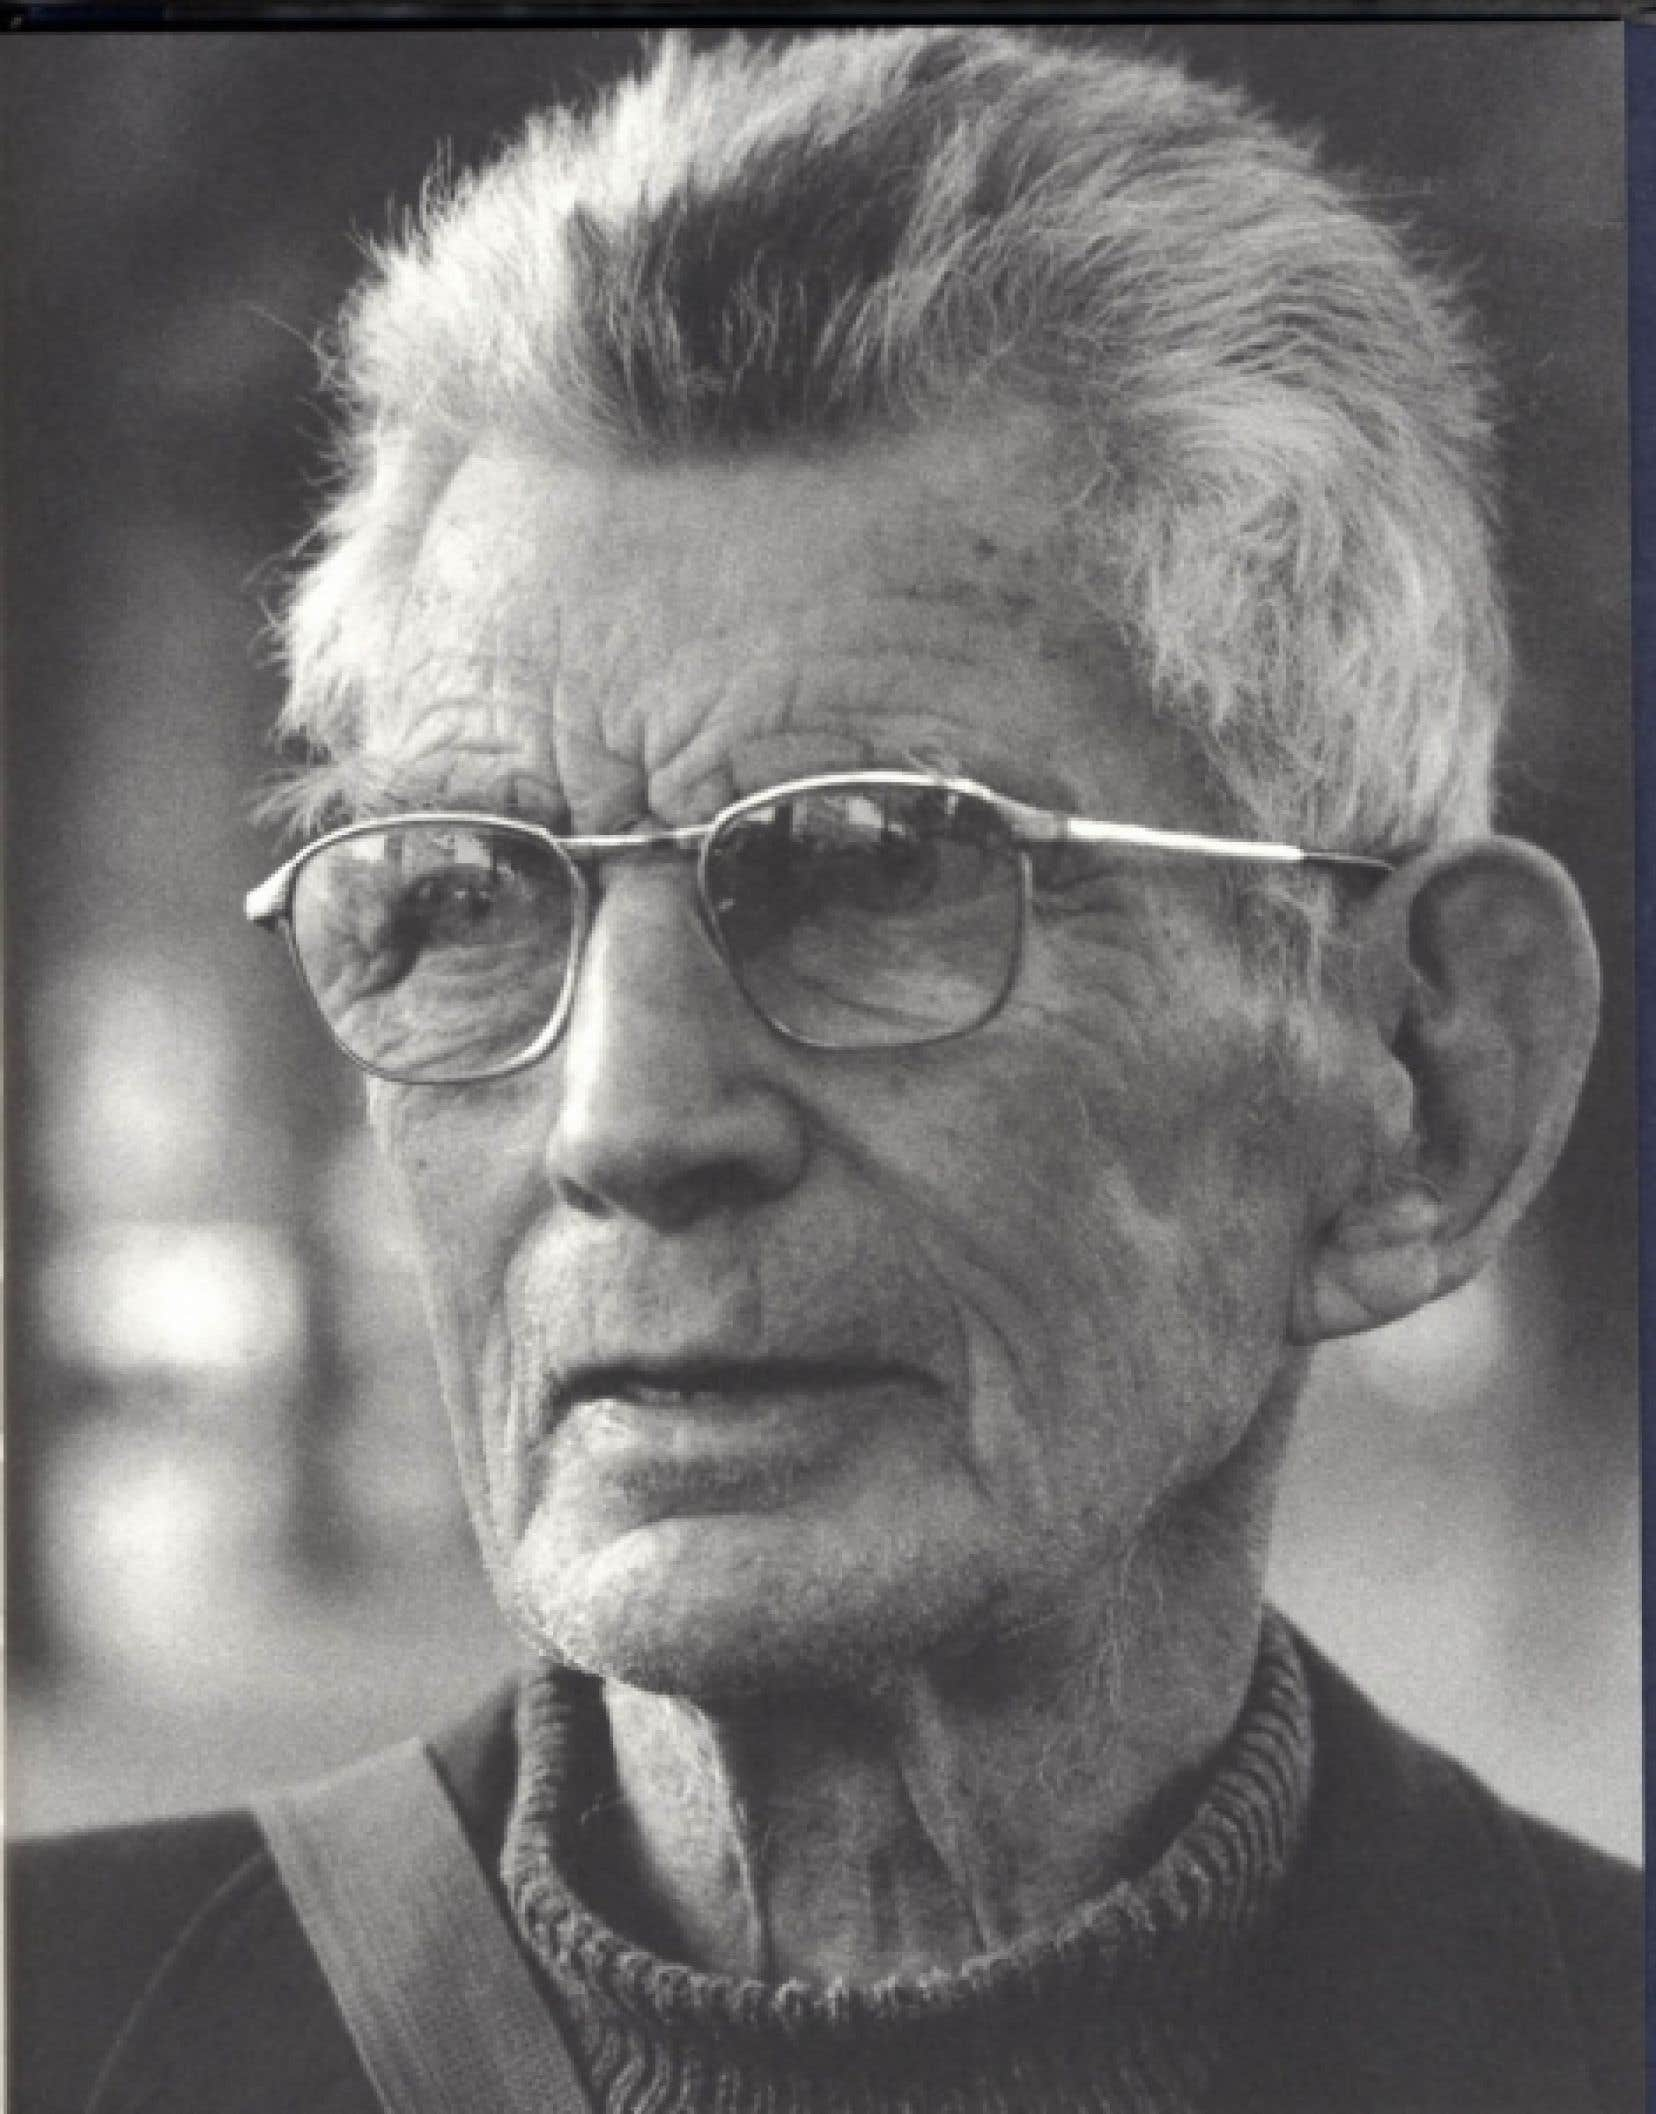 Samuel Beckett photographié par François-Marie Bonier et publié dans un livre paru en 2009 aux éditions Steidl.